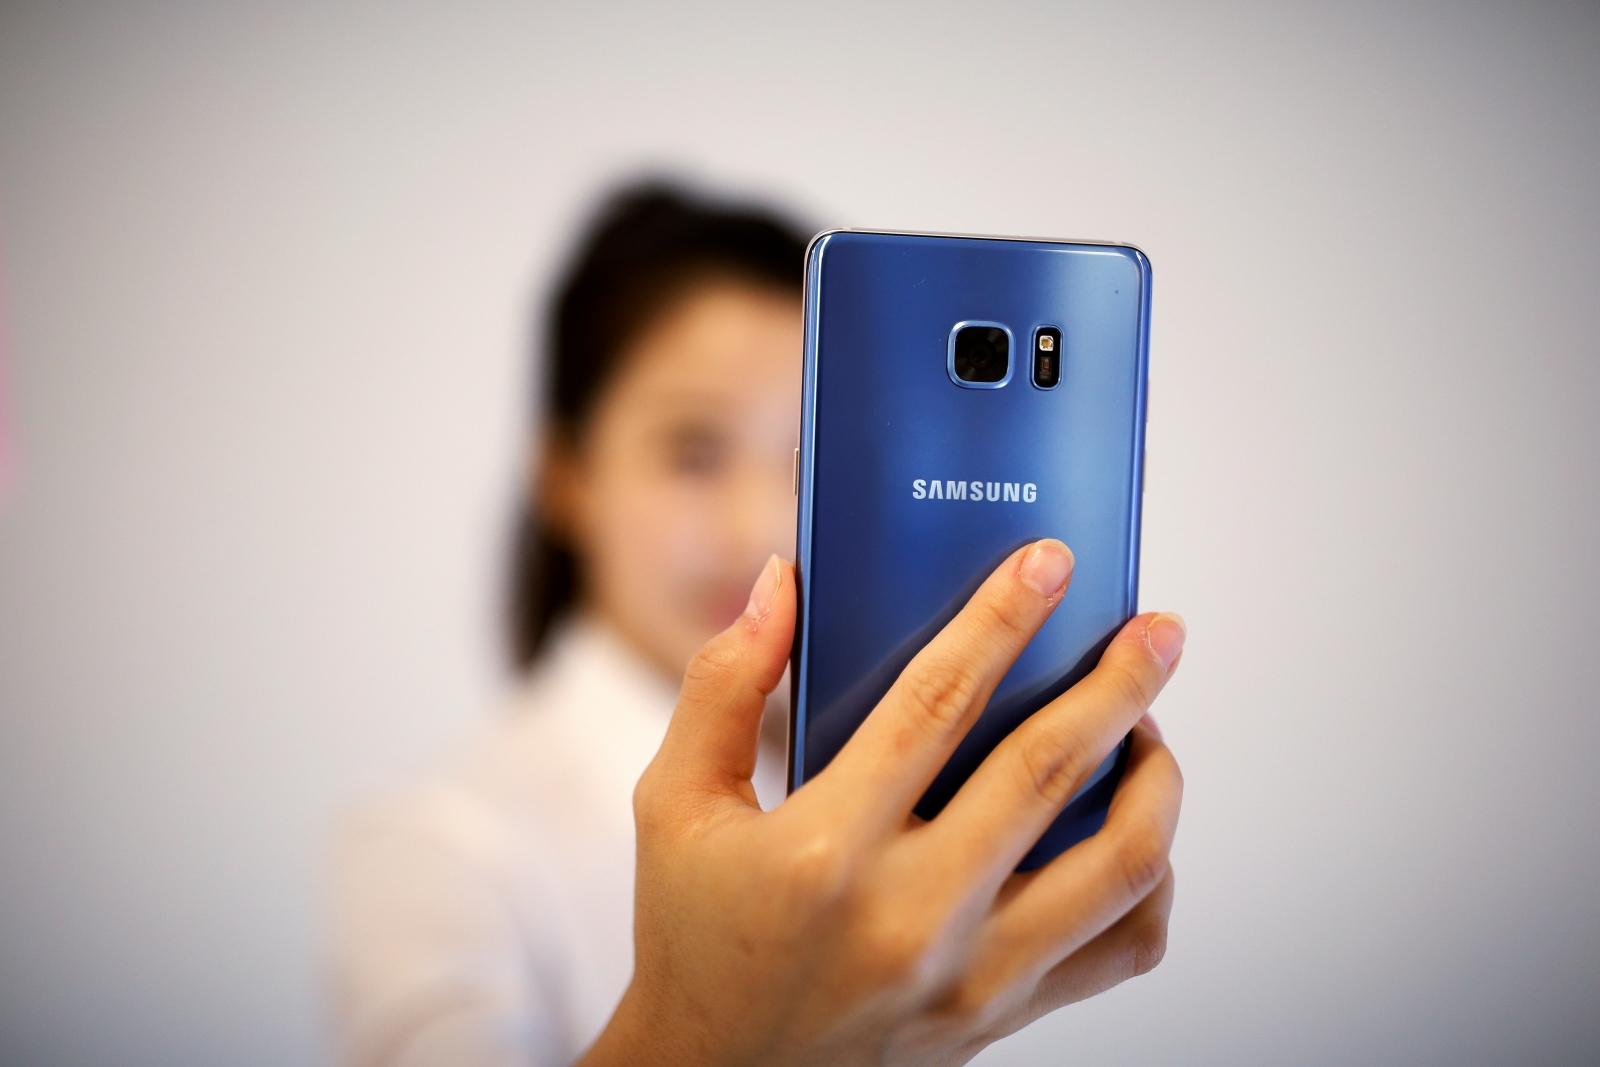 Galaxy Note 8 schematics leaked